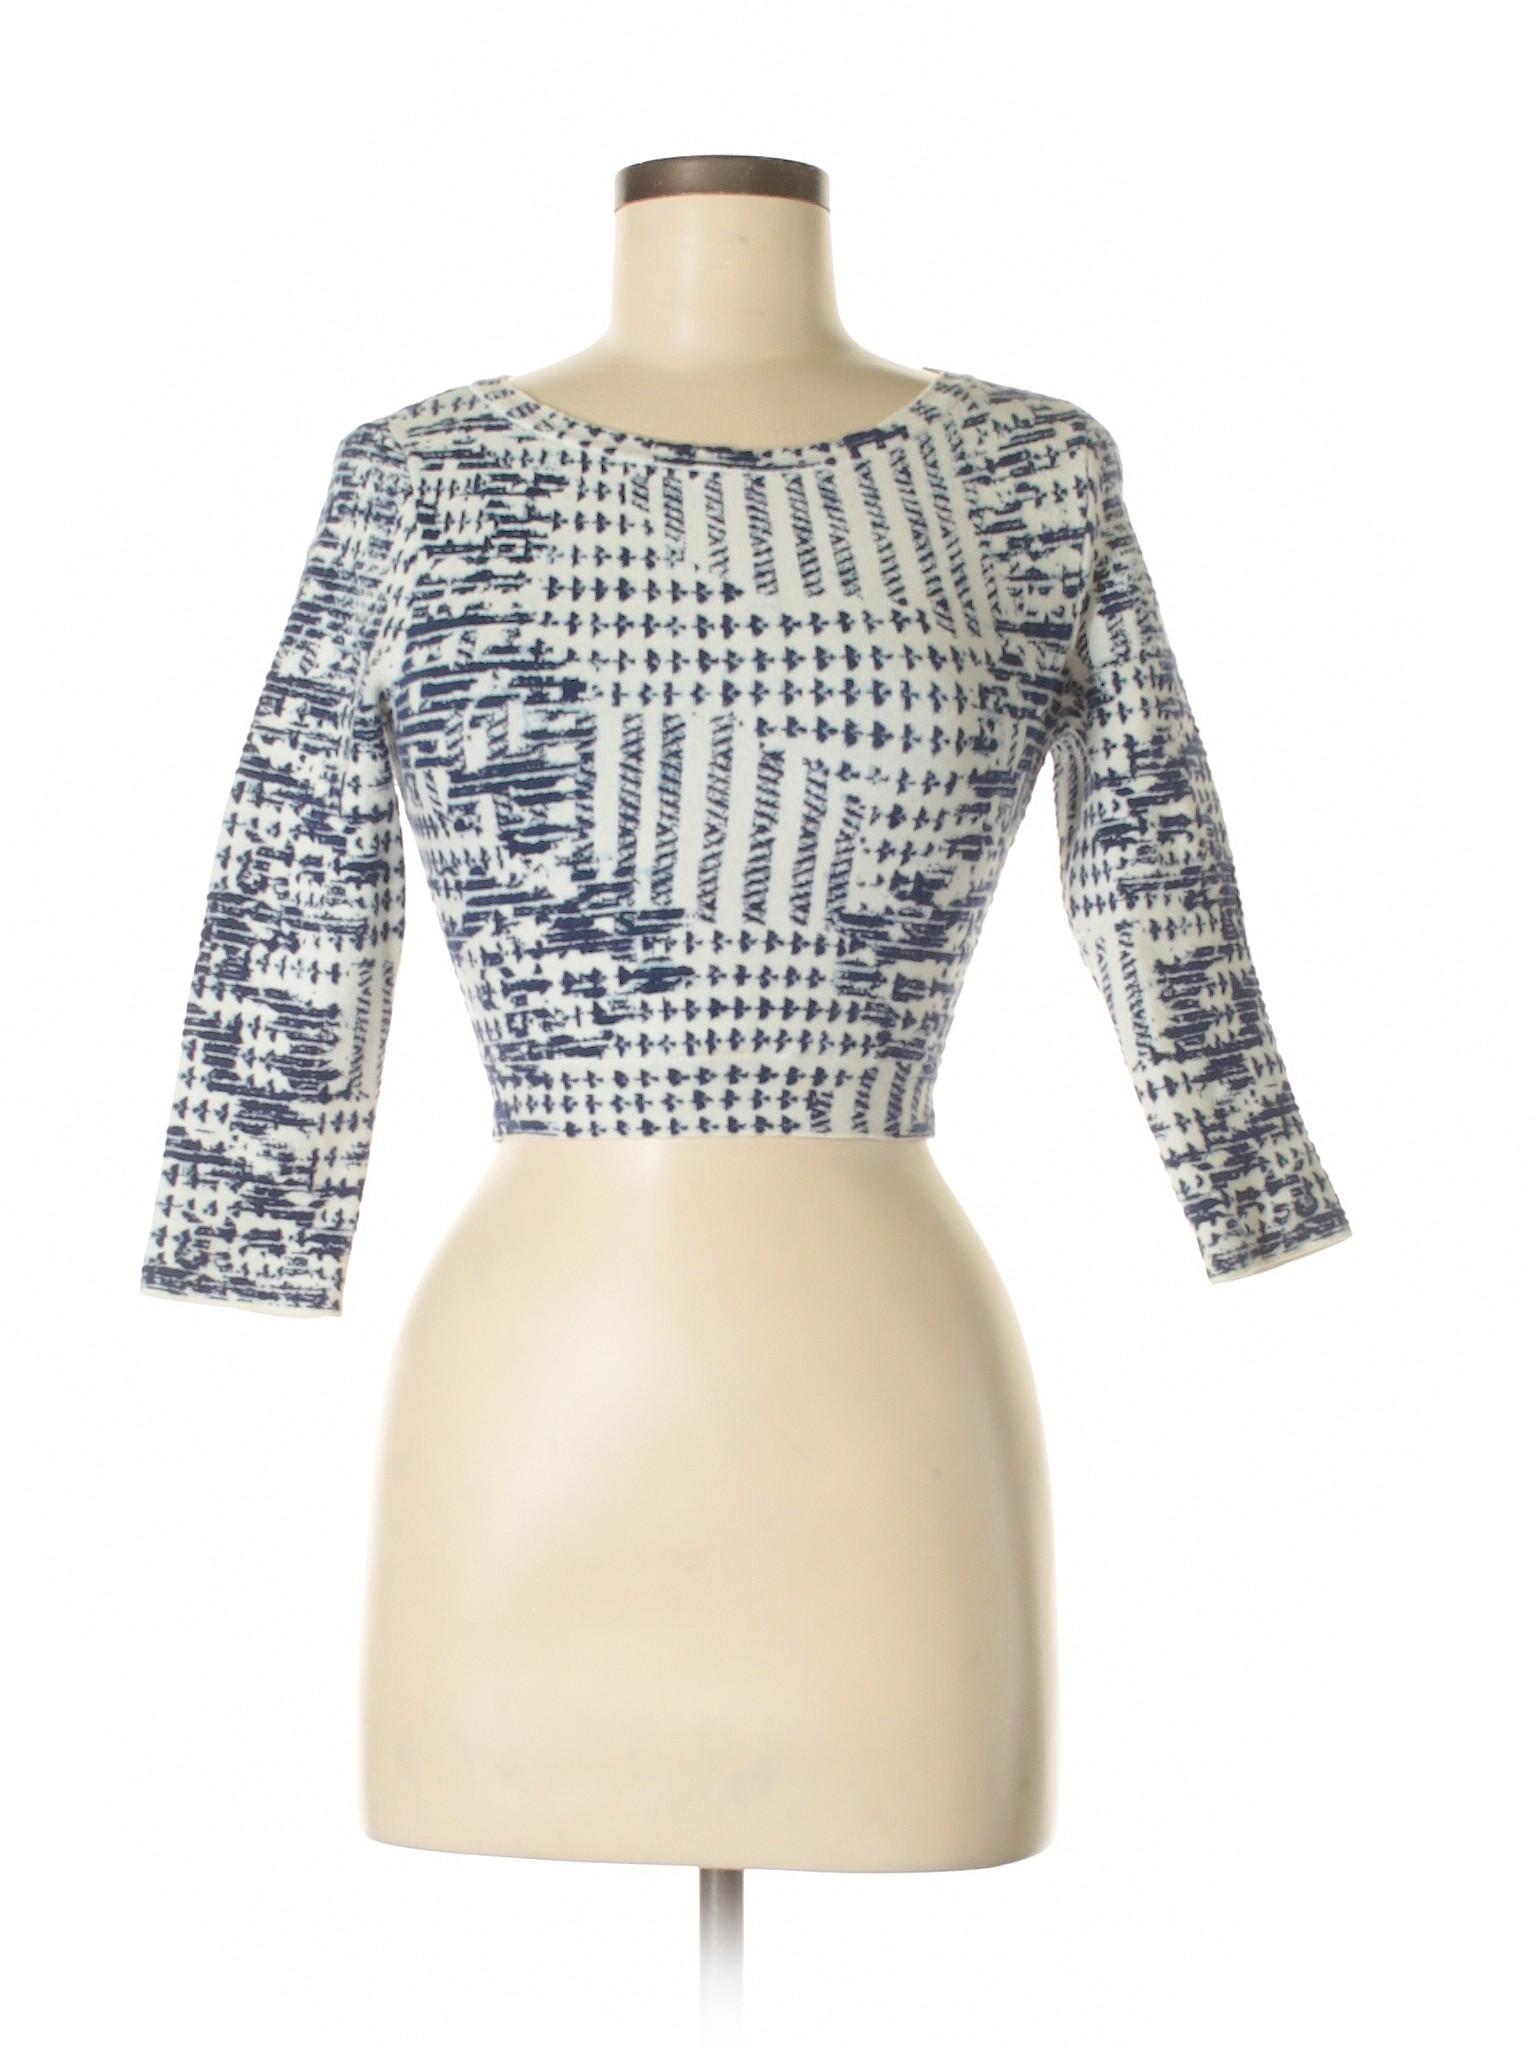 BCBGMAXAZRIA Boutique Sweater Sweater Pullover Boutique Pullover Boutique BCBGMAXAZRIA 5wqWxB7aZ